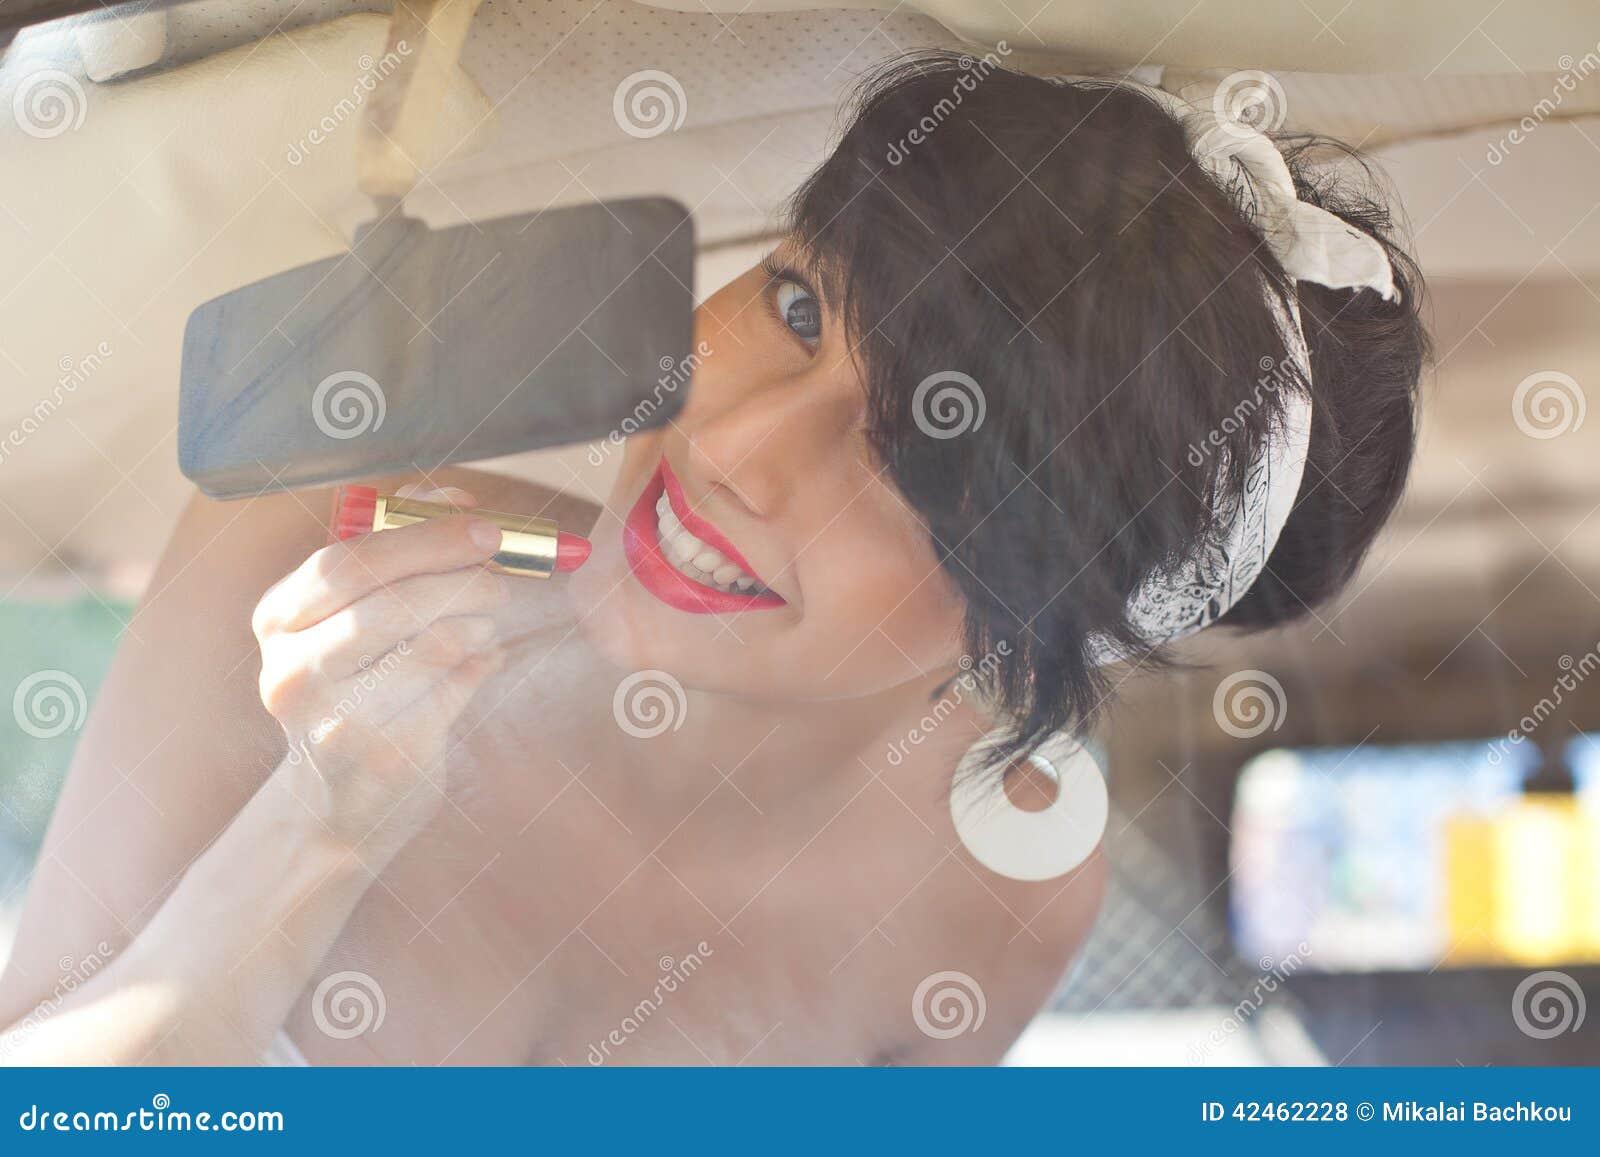 Ein schönes Retro-aussehendes Mädchen mit blauen Augen und rotem Lippenthrou